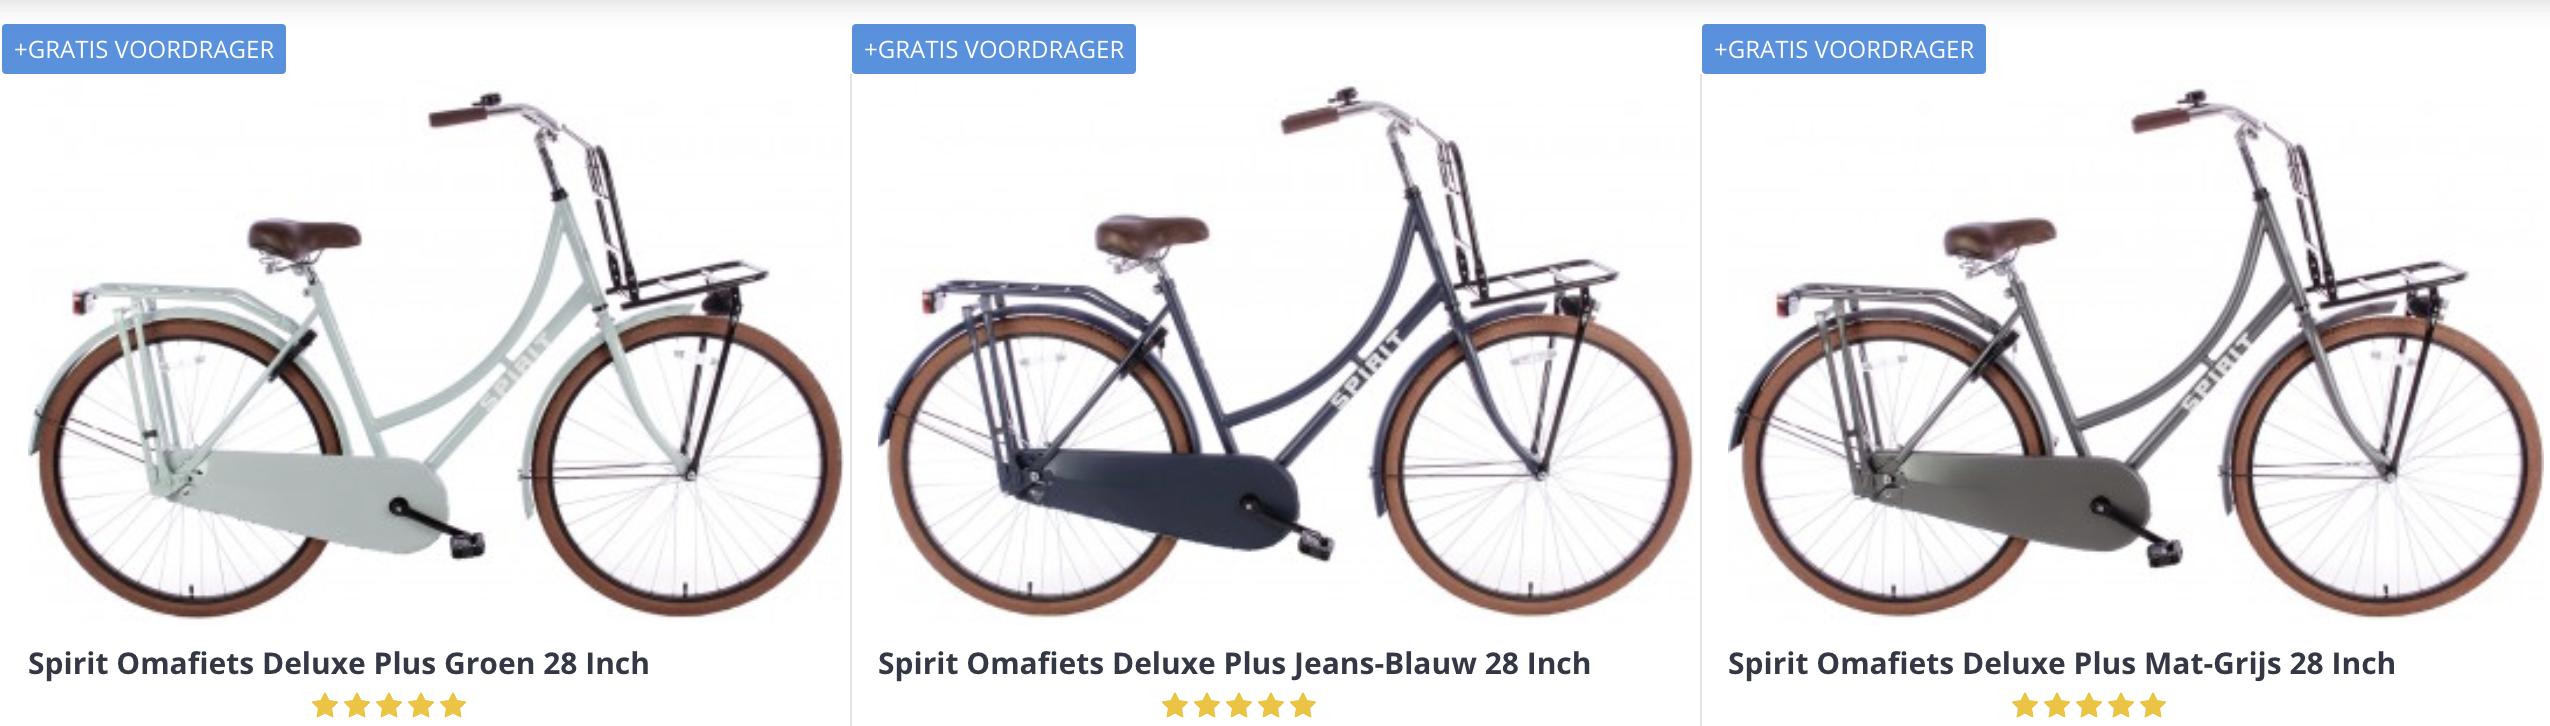 FietsenPlaats.nl ervaringen, reviews en beoordelingen